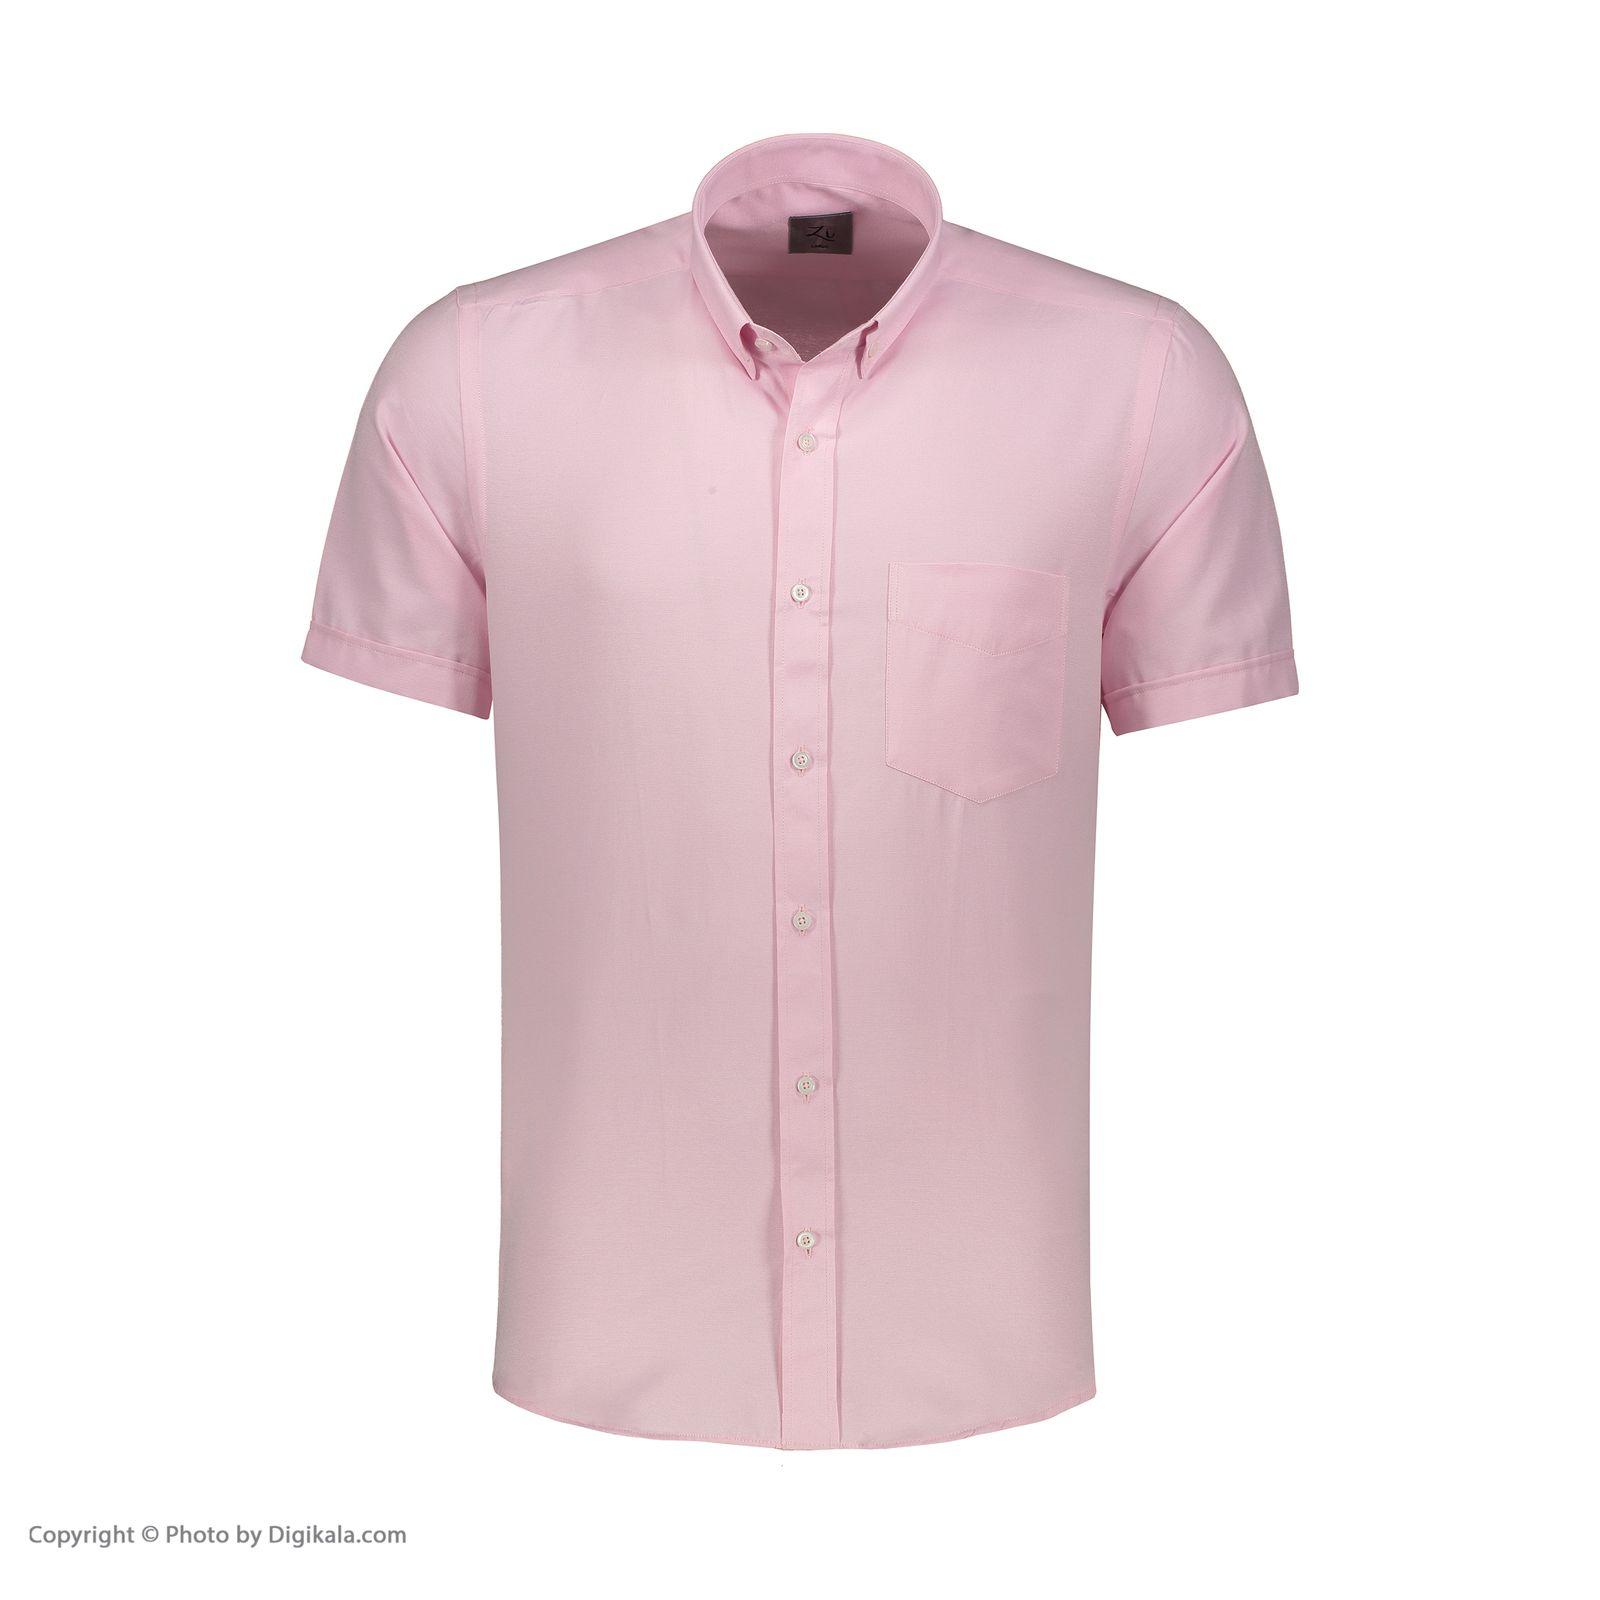 پیراهن مردانه زی مدل 153119784 -  - 1